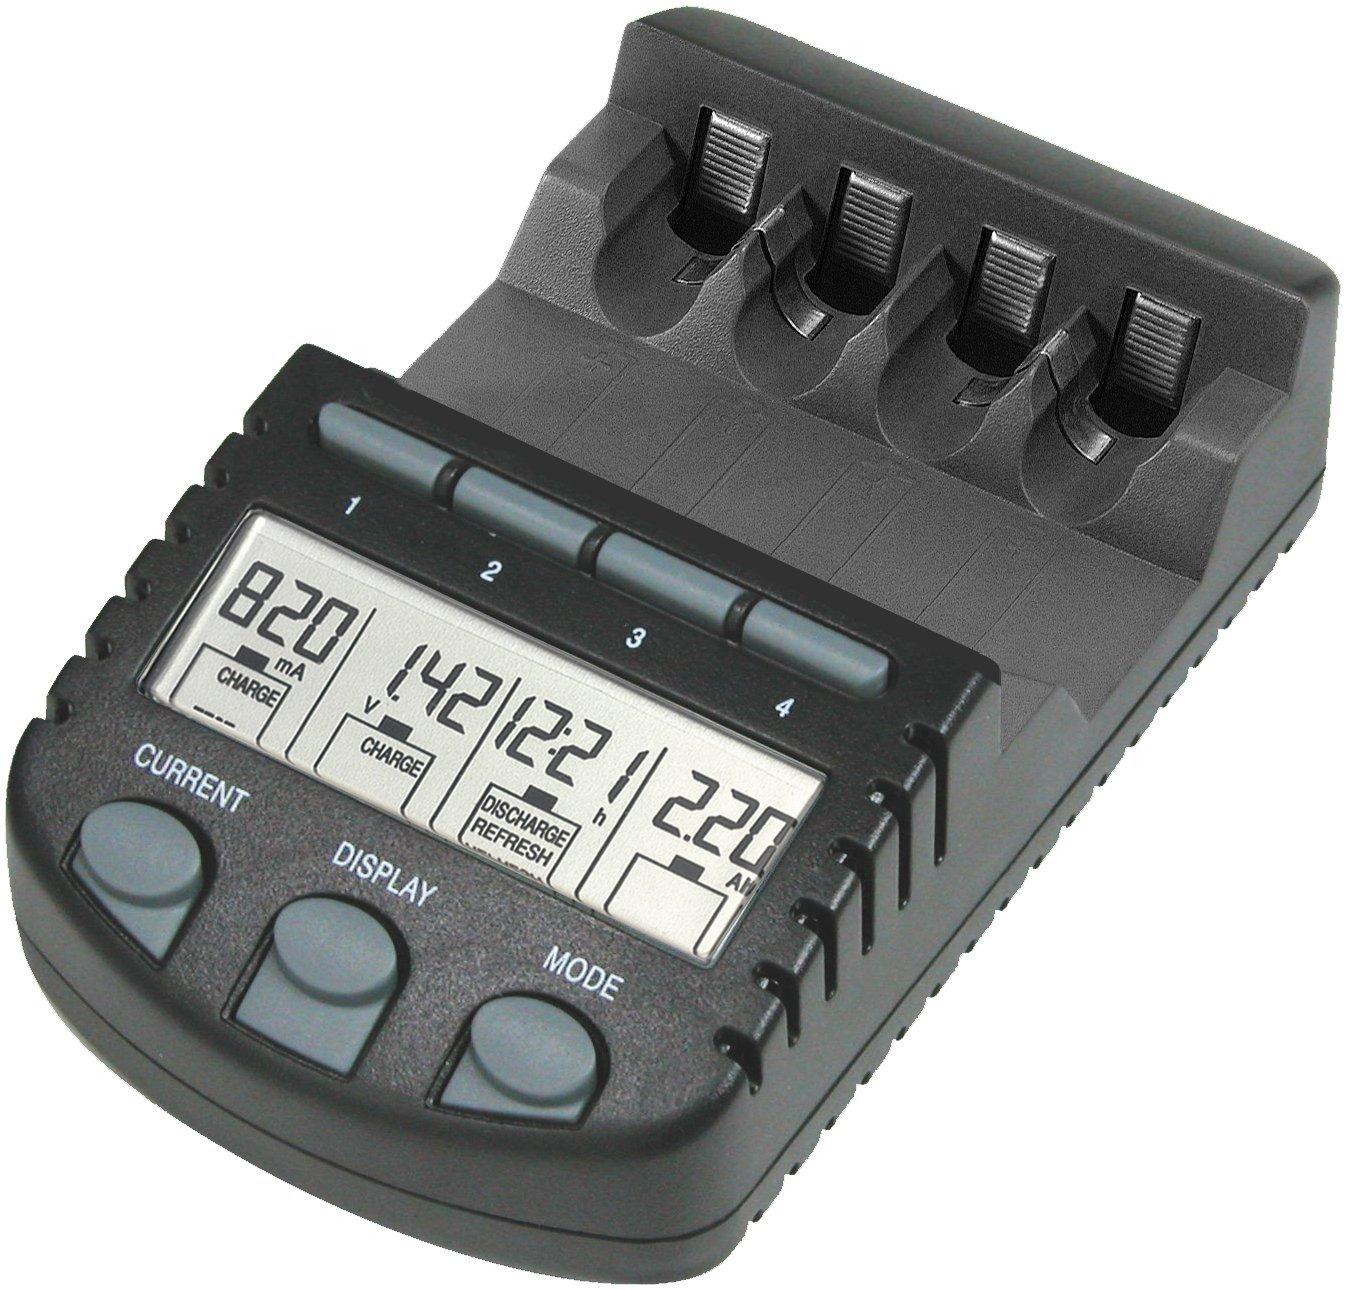 Chargeur de piles La Crosse Technology RS700UK-BLI (Prise UK et EU)